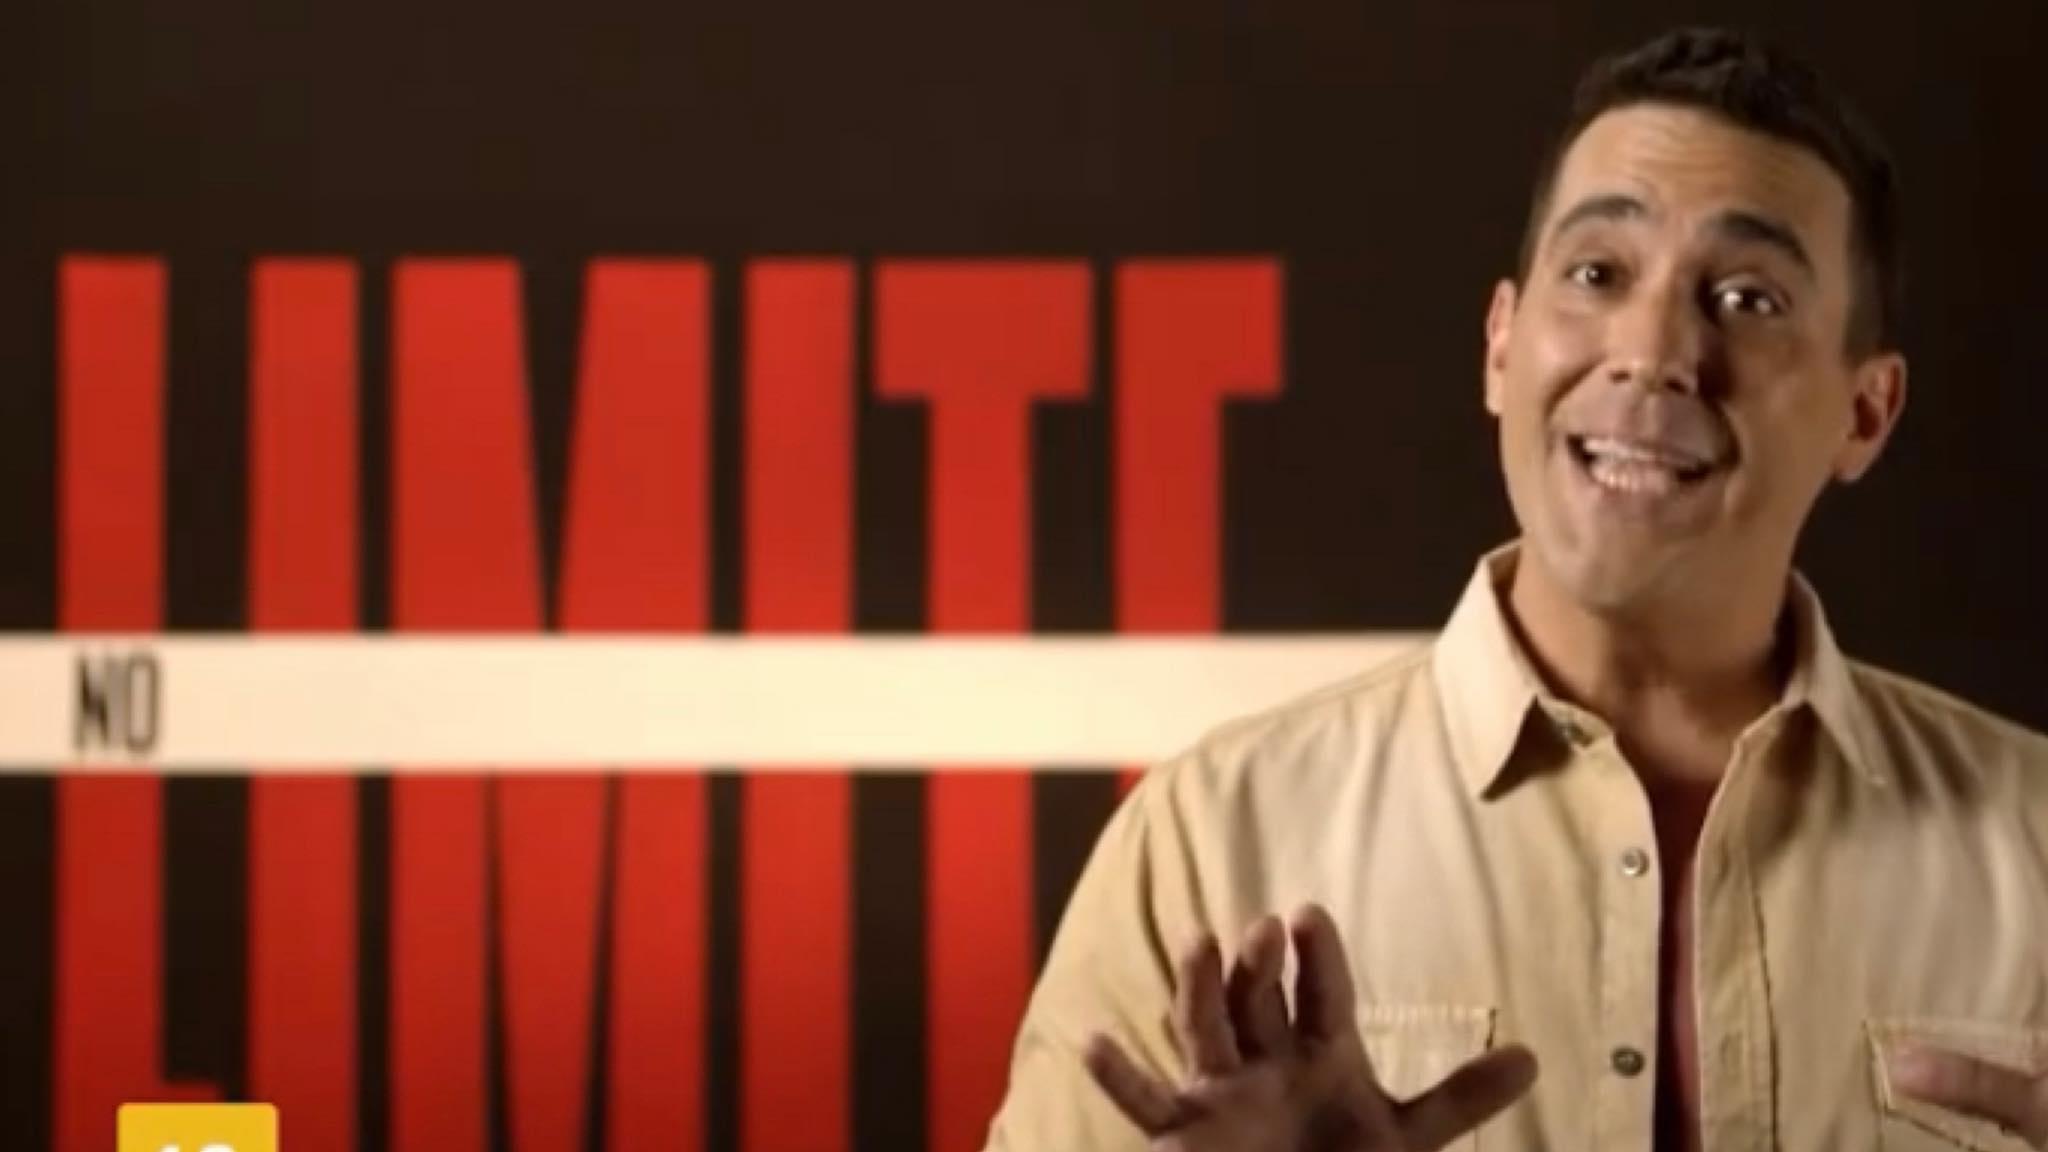 André Marques comandará o novo No Limite 5 que estreia em maio na Globo (imagem: reprodução/ Globo)